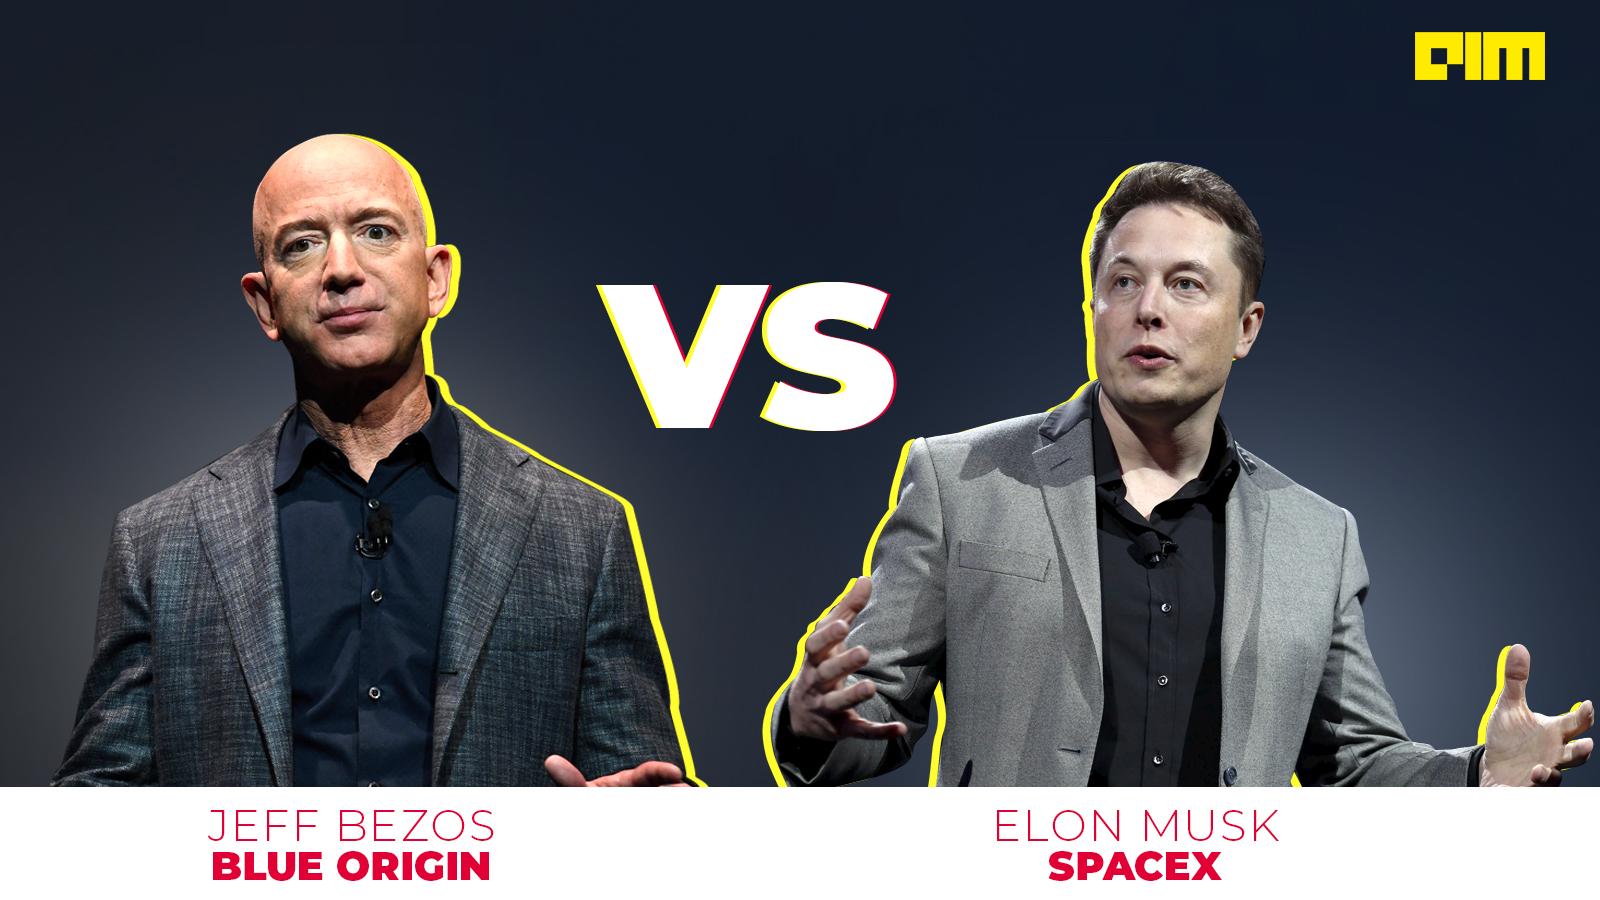 CEO Amazon ឡើងឈរលើកំពូលតារាងអ្នកមានជាងគេបំផុតលើពិភពលោកសាជាថ្មី